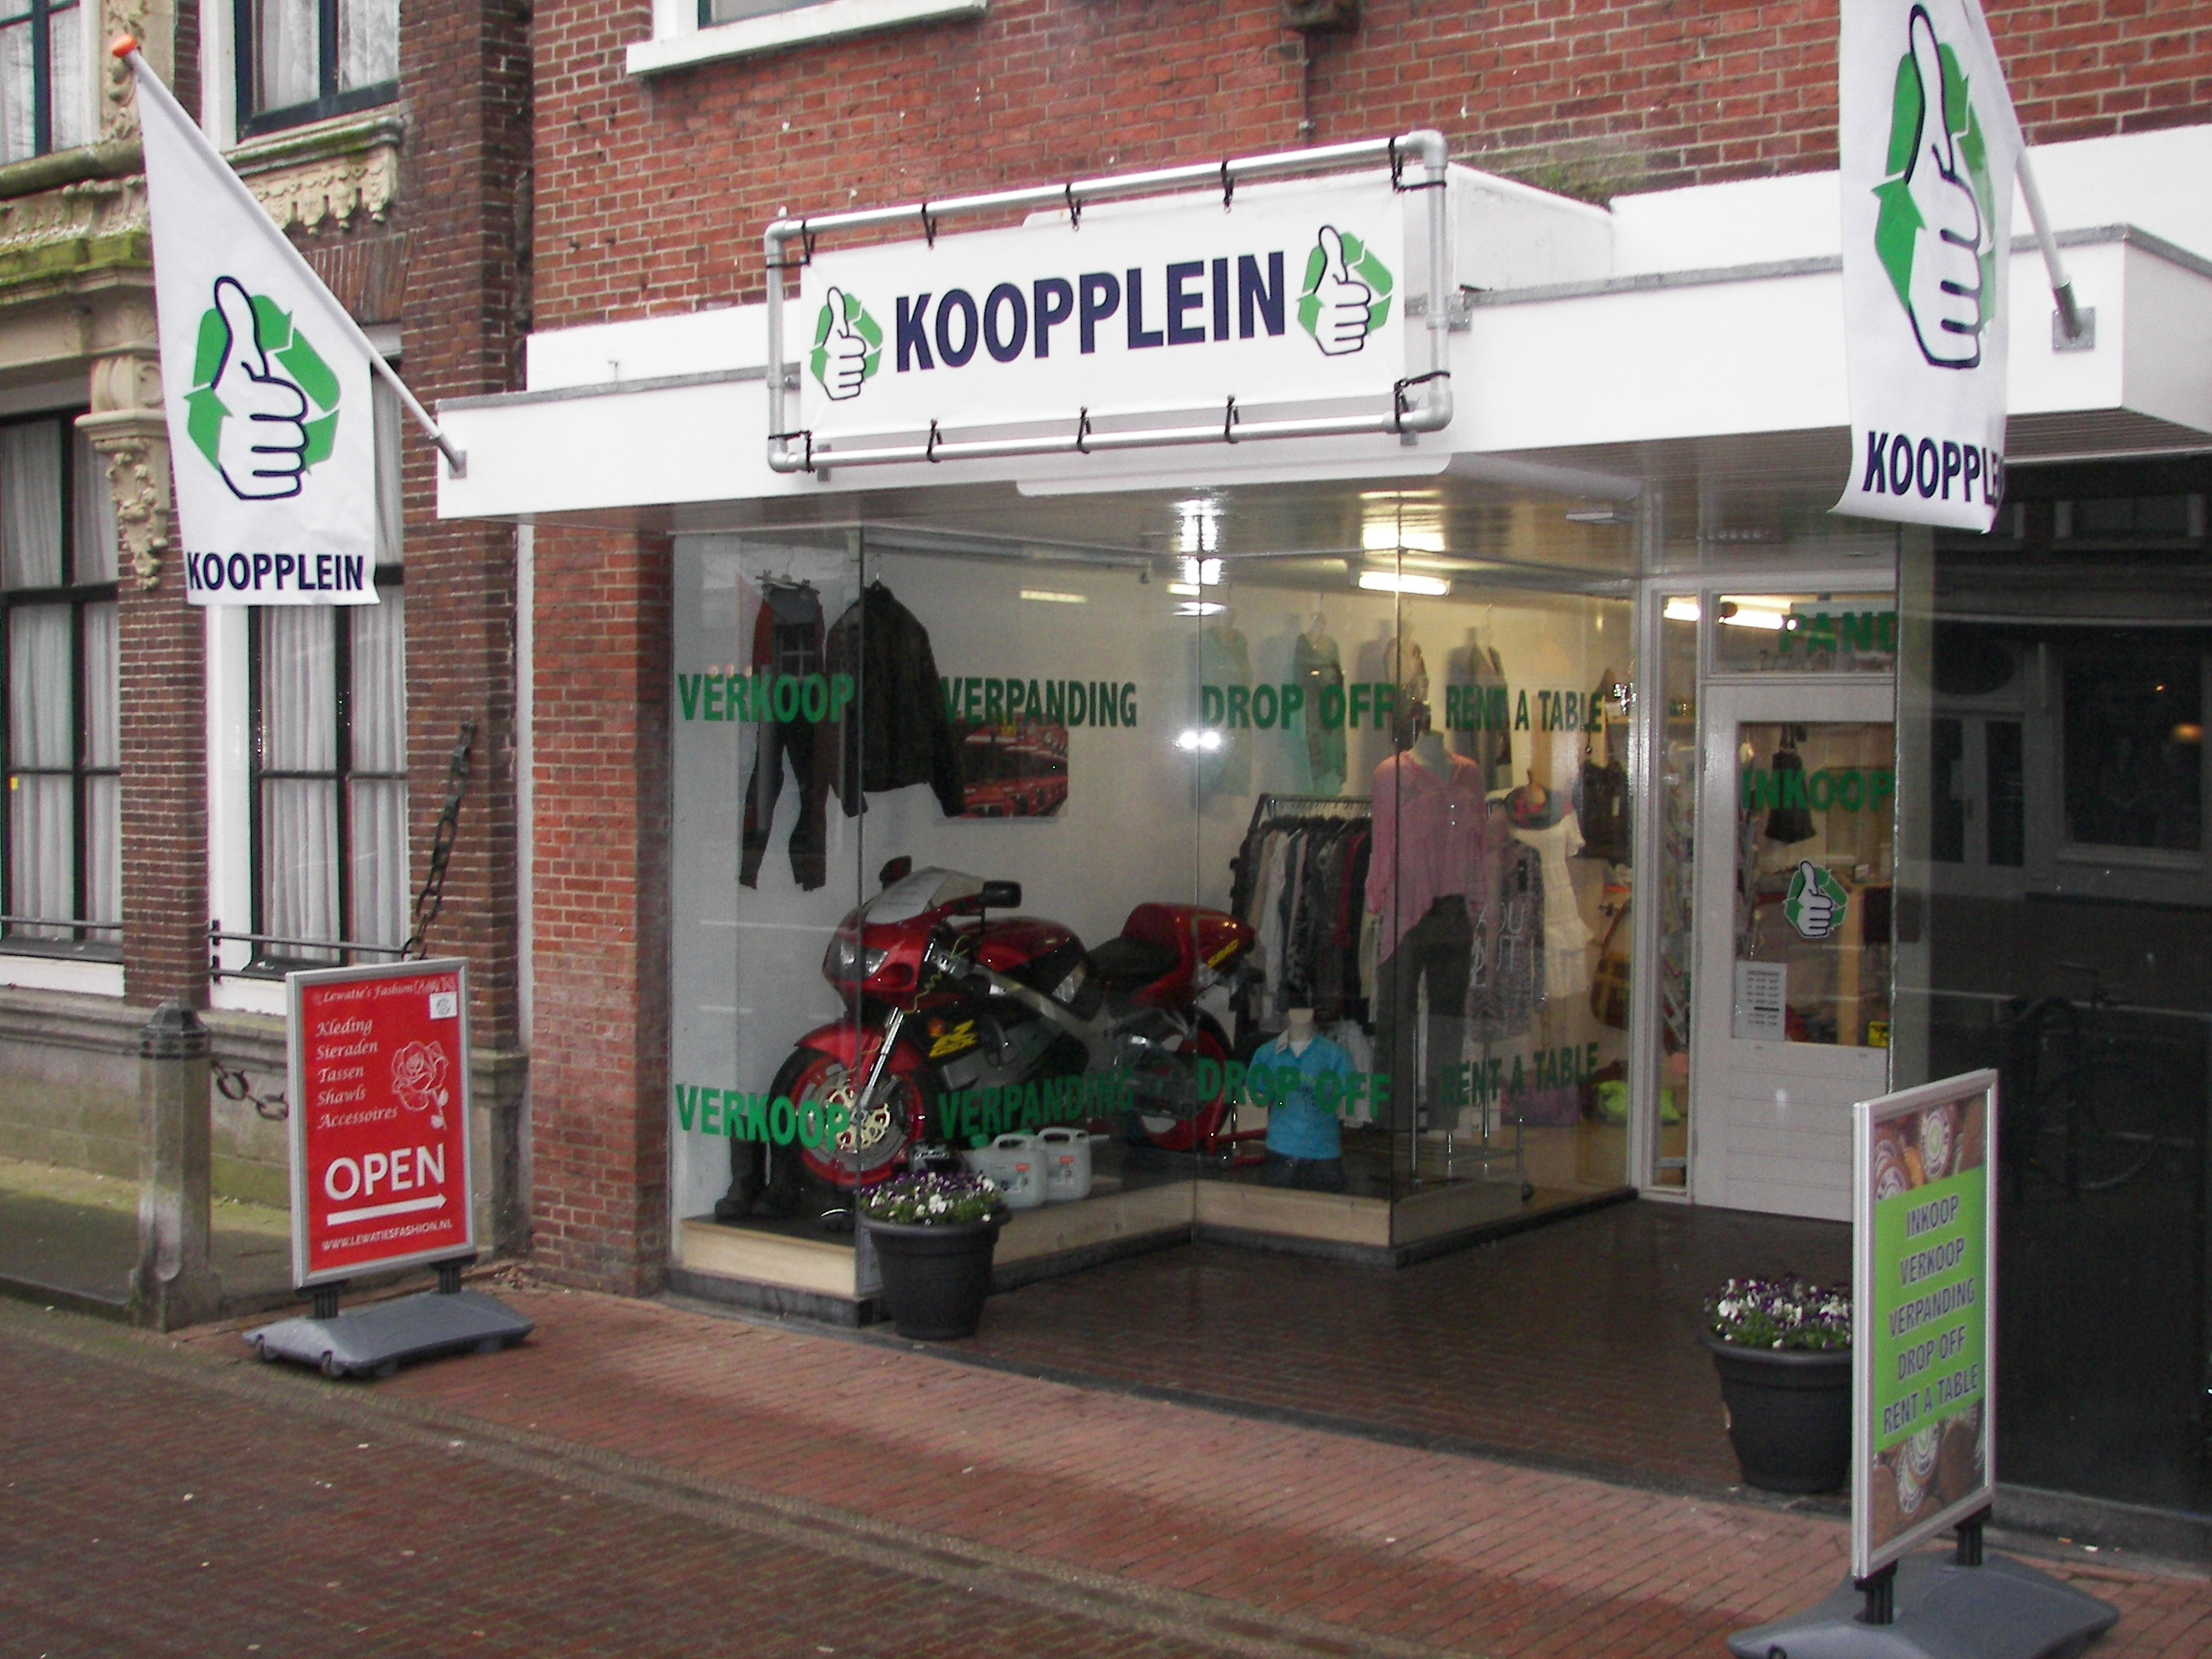 Kooppleinwinkel in Harlingen geopend in het stadscentrum. Het fysieke verkooppunt moet de online verkoop via het lokale Koopplein versterken.